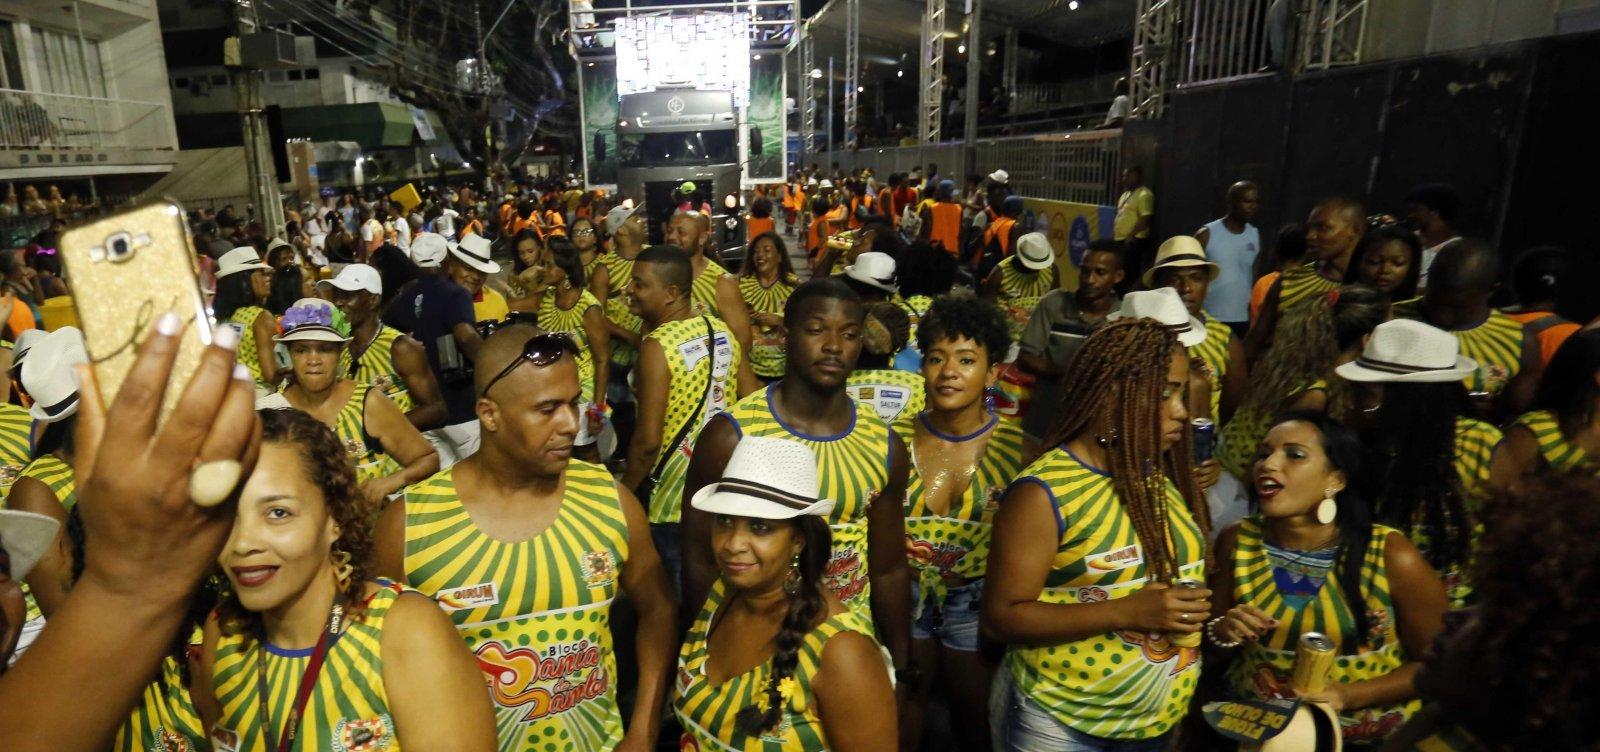 [Prefeitura monta esquema especial de trânsito para Caminhada do Samba; confira]